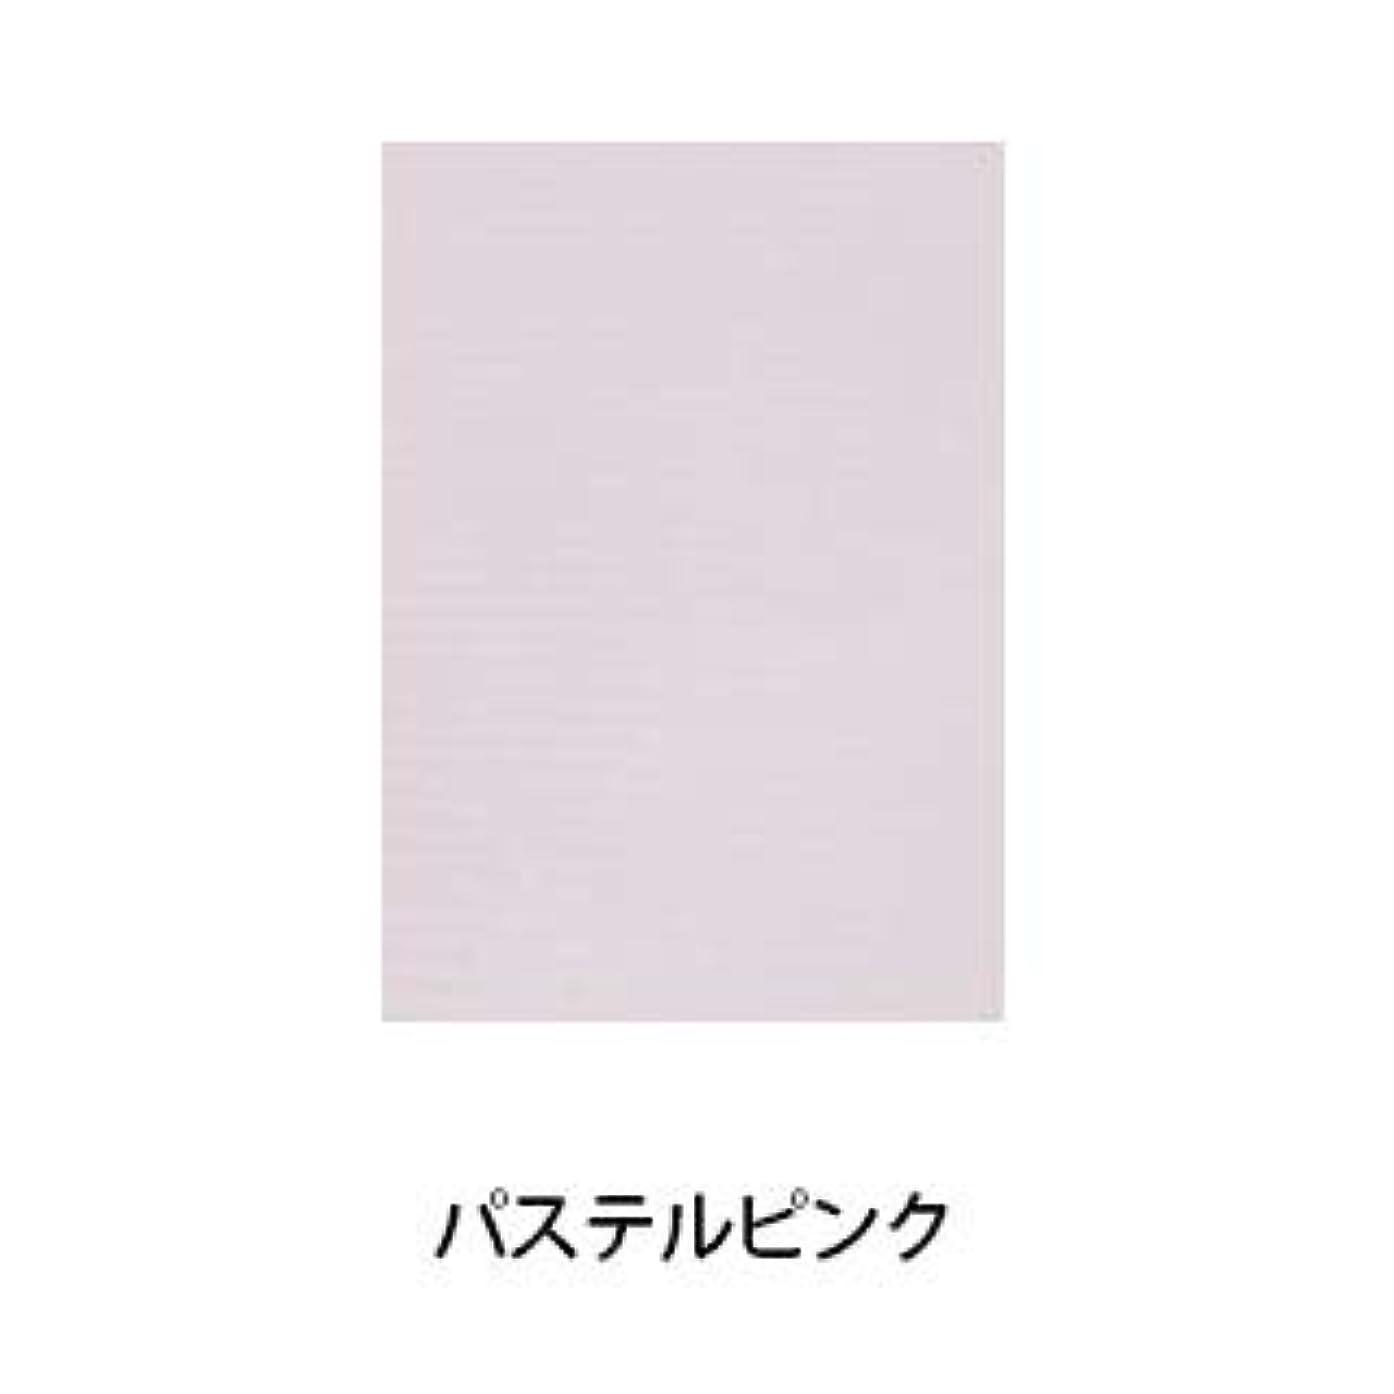 【パステルシリーズ】100枚入り ネイルシート ペーパークロス (パステルピンク)